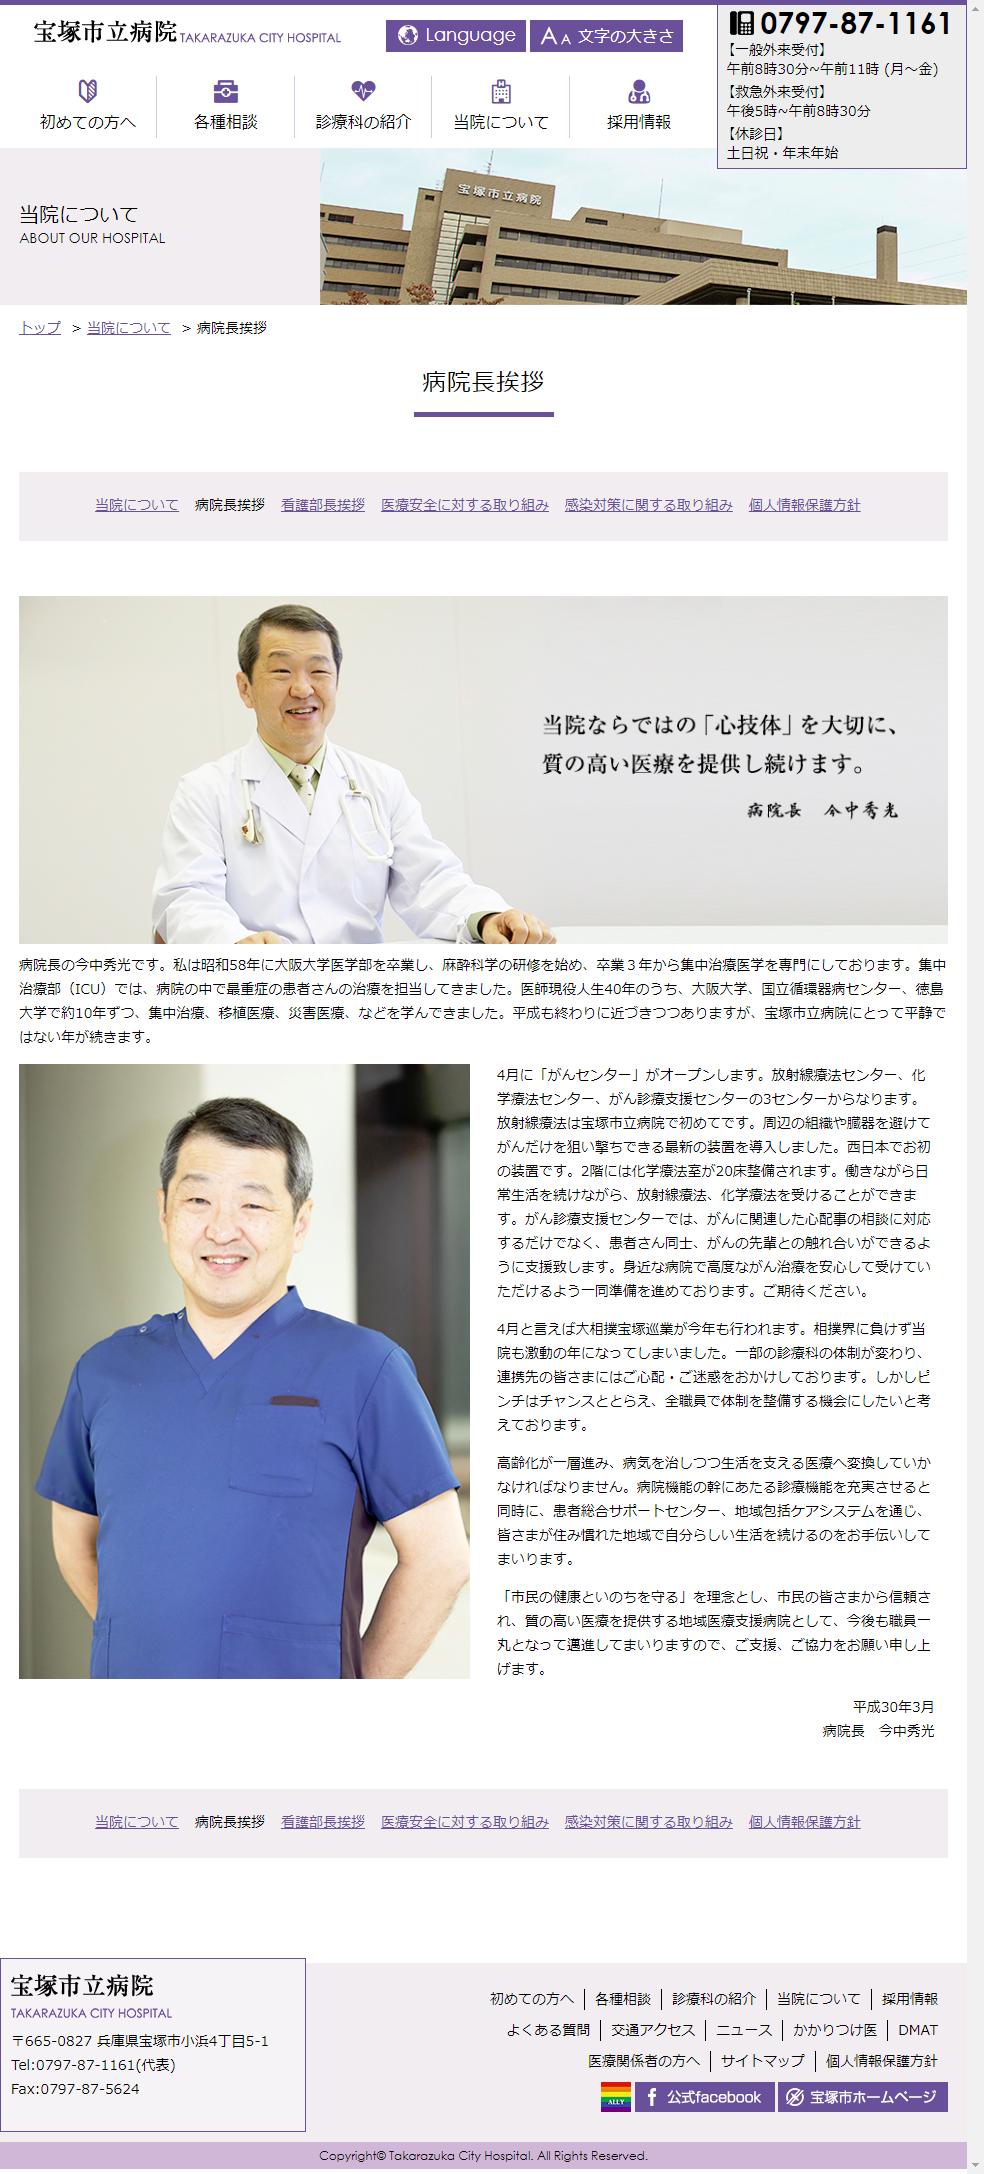 2018年8月作成「宝塚市立病院」病院ホームページ_サブ画像